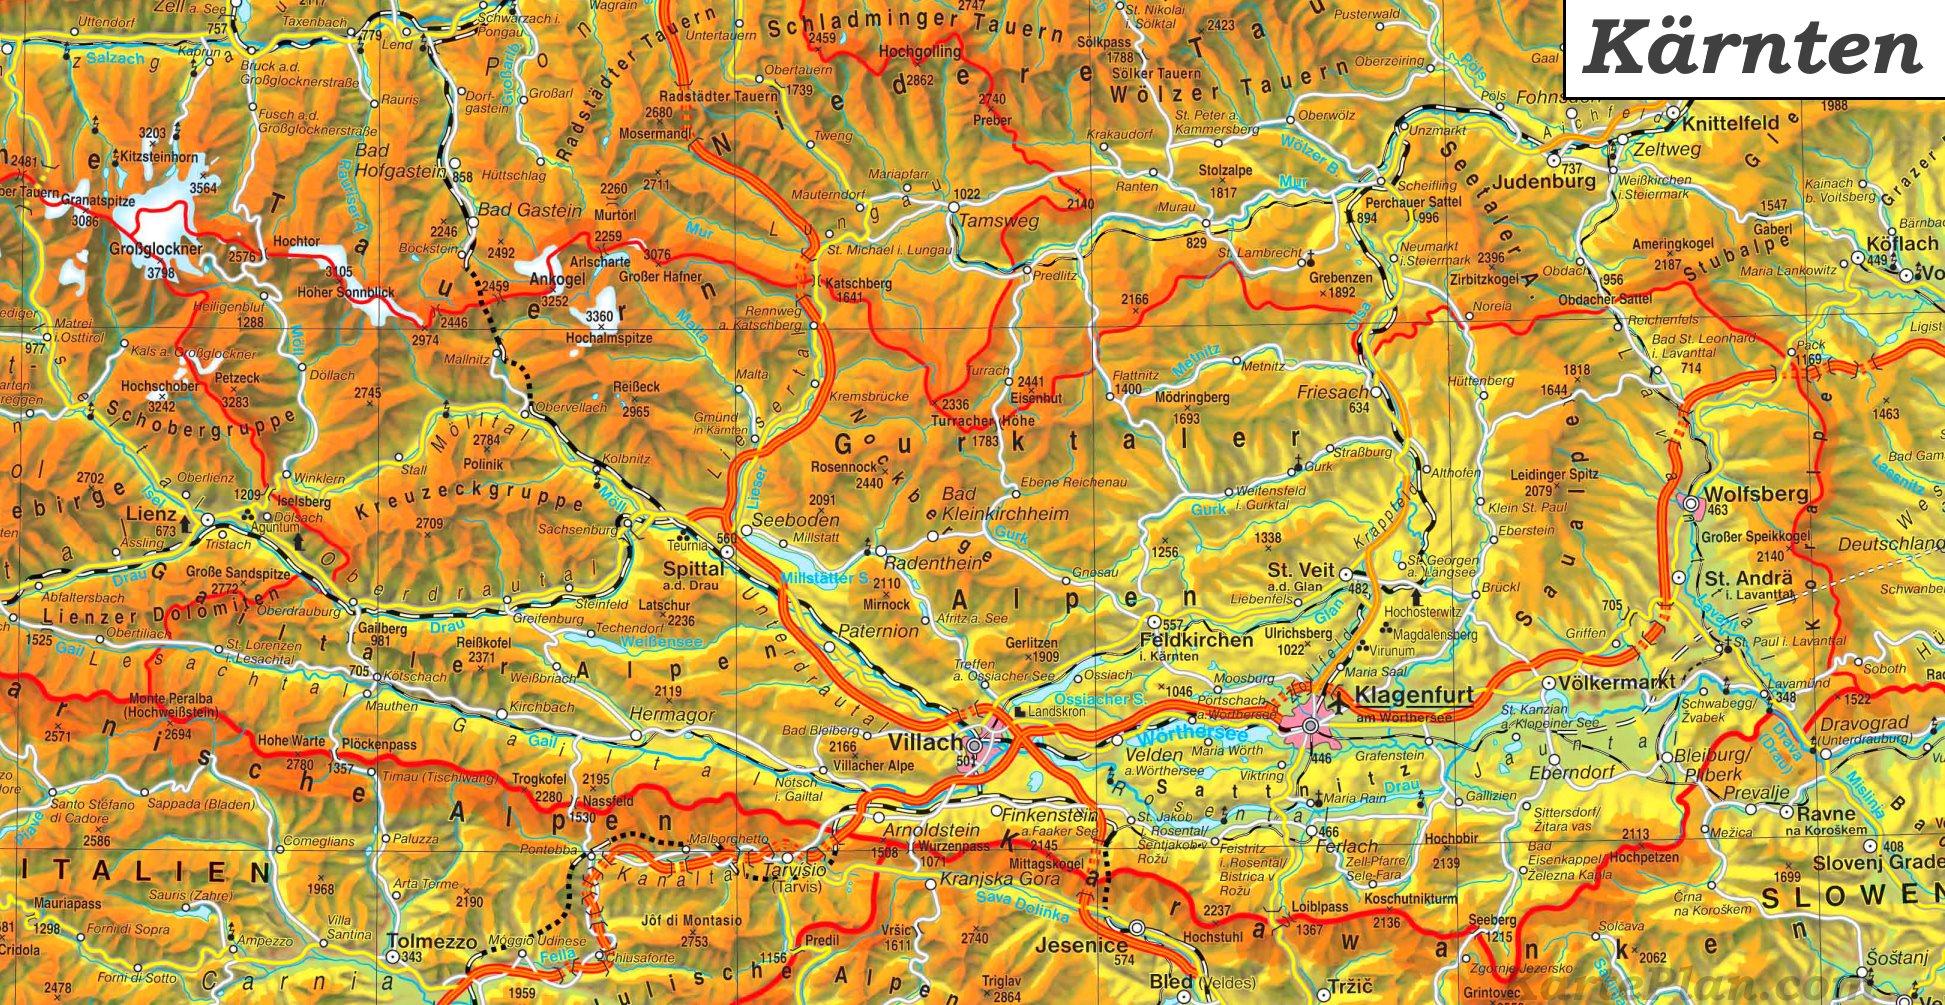 Detaillierte Karte Von Karnten